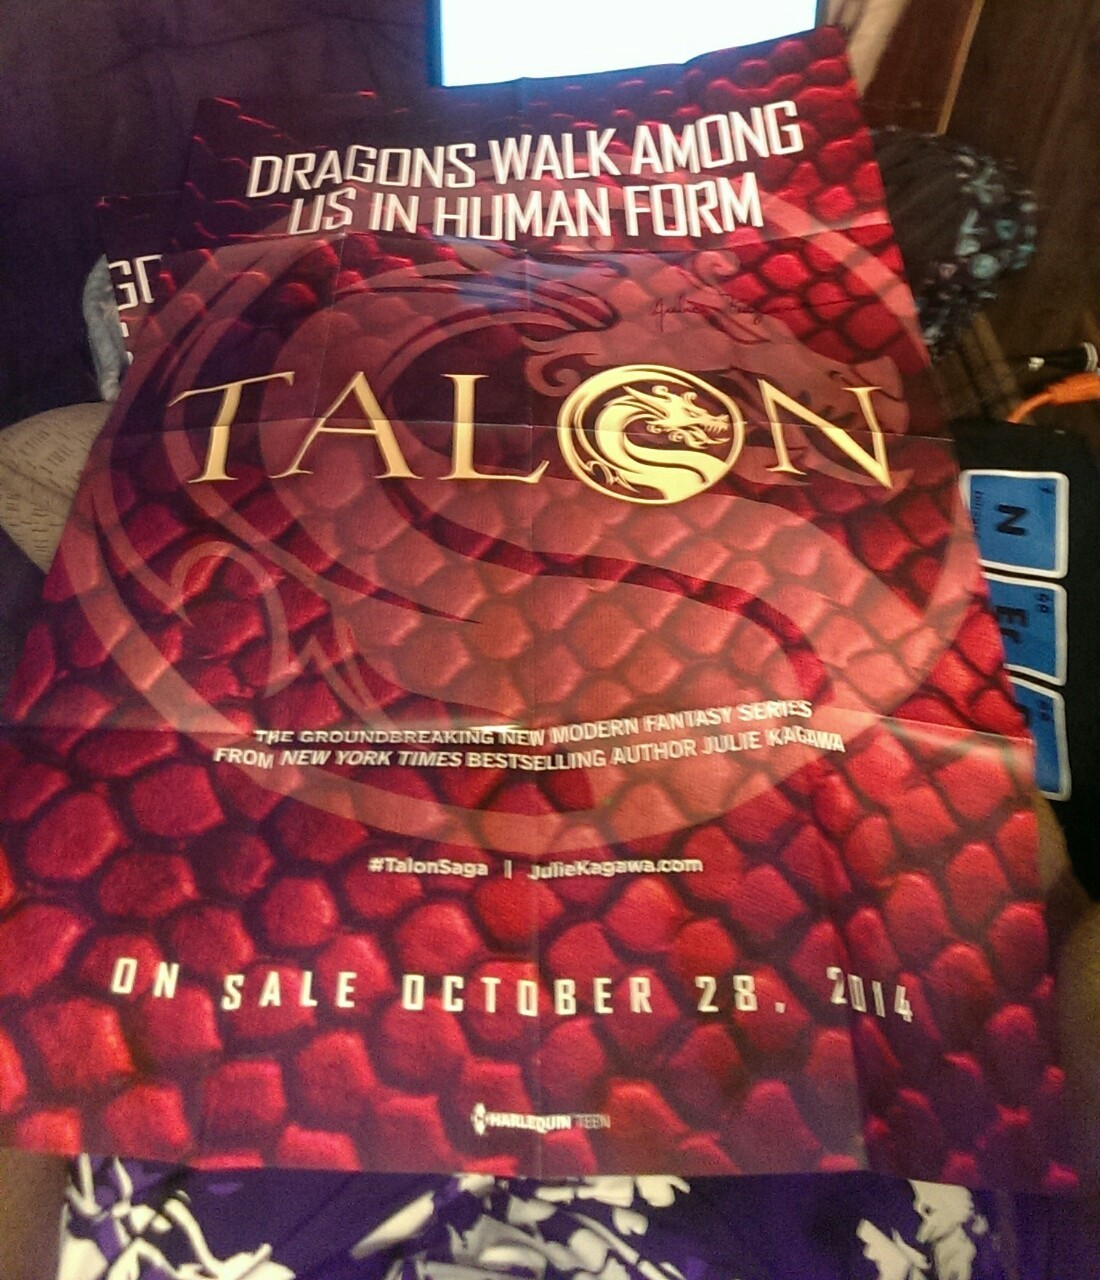 Talon poster